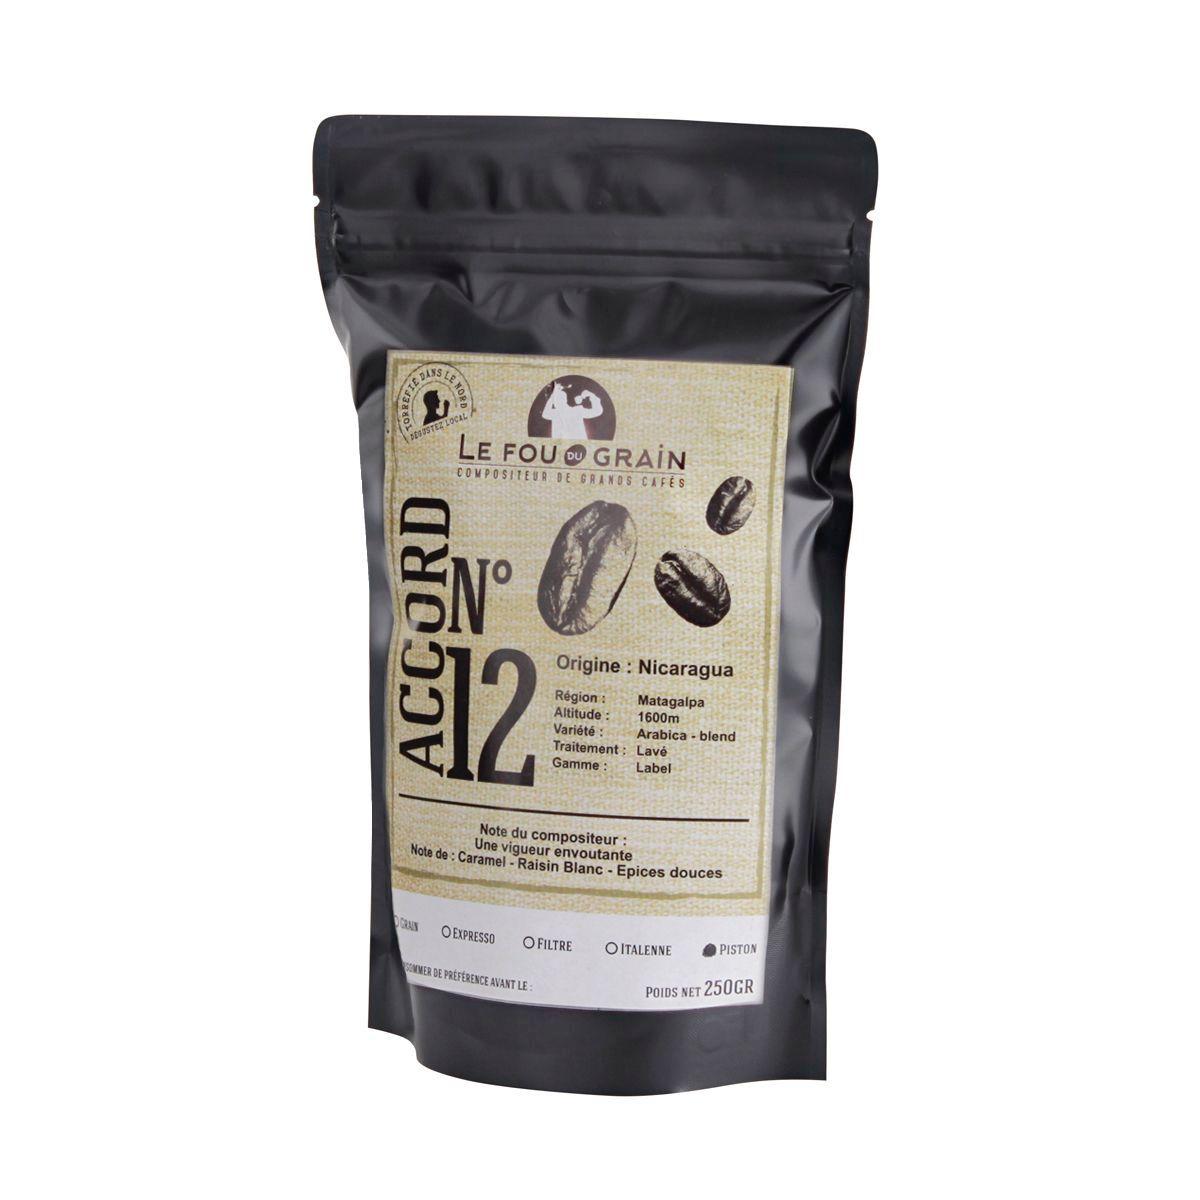 Café moulu pour cafetière piston 250gr Nicaragua Accord n°12 - Le Fou du Grain